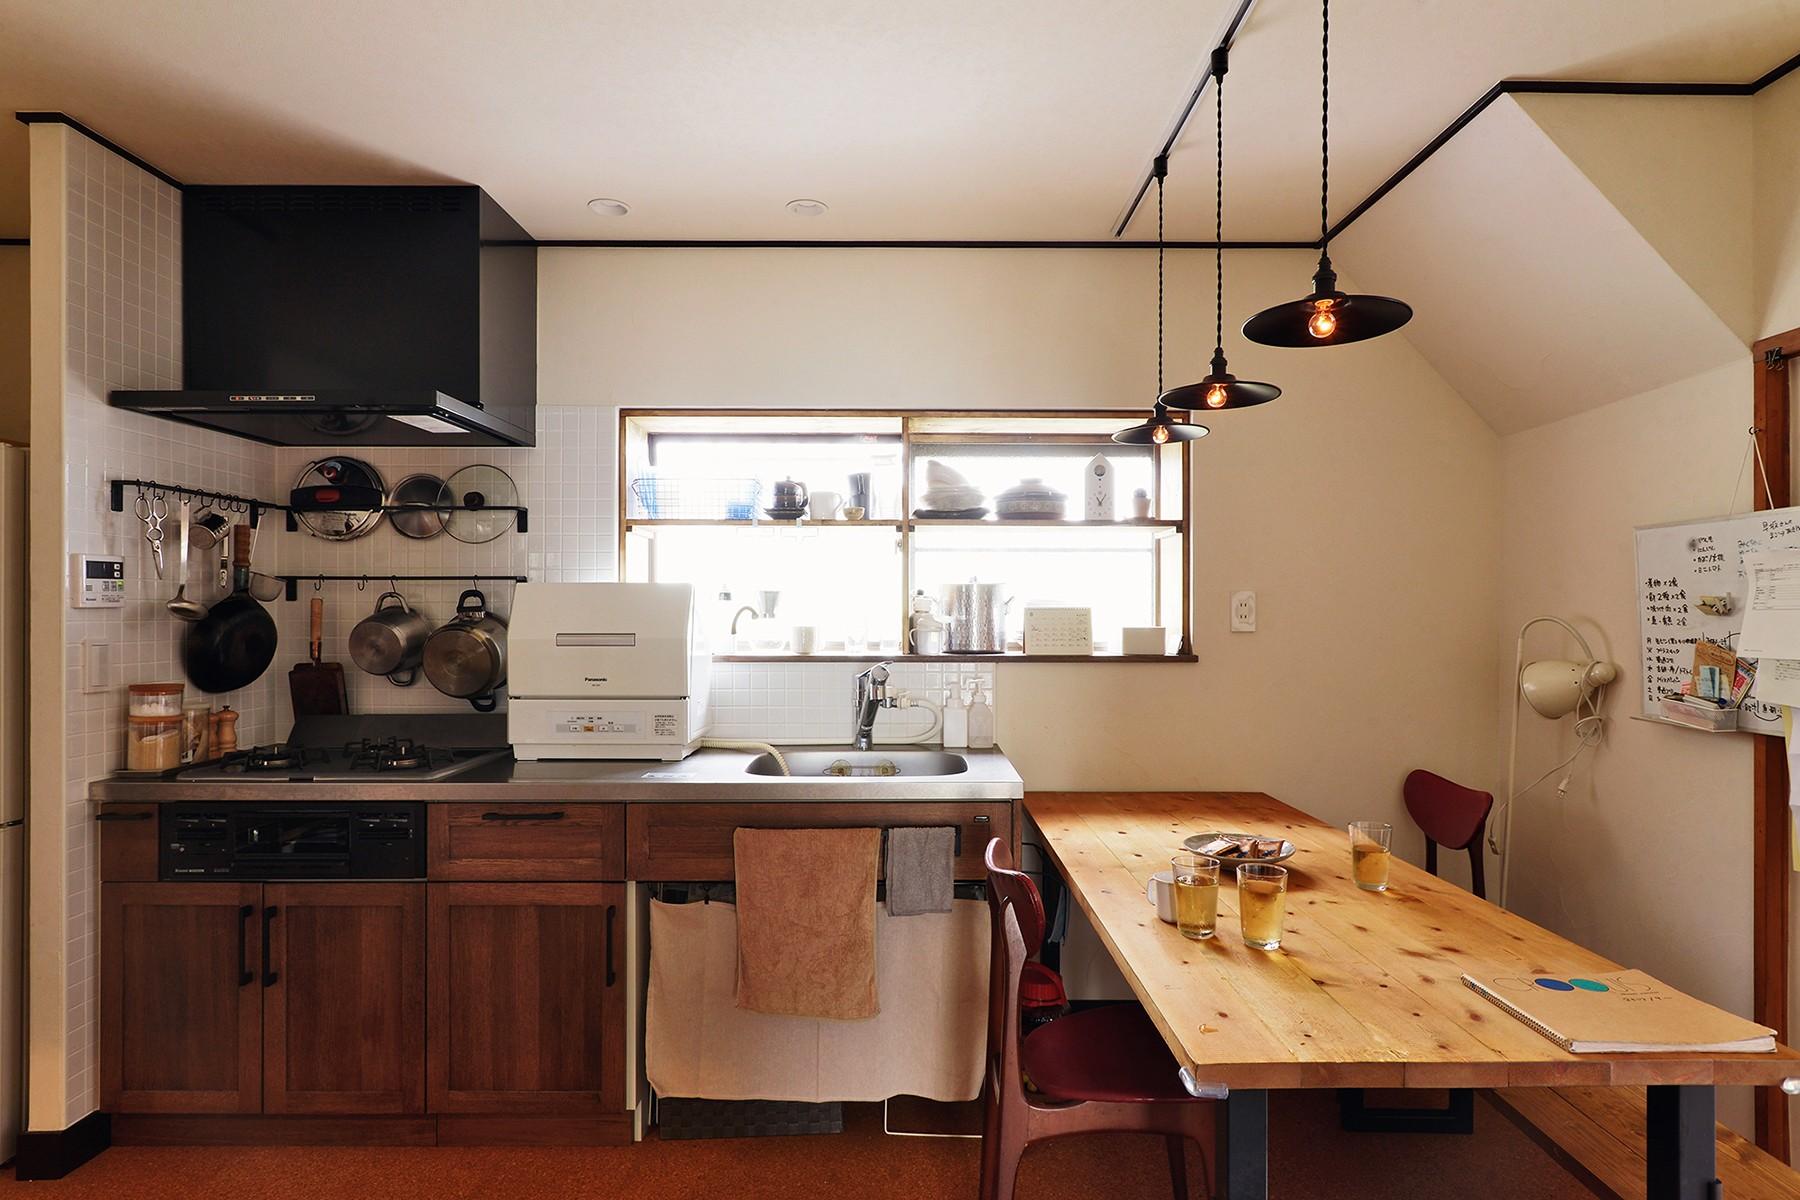 キッチン事例:キッチンはヴィンテージな雰囲気を大切に(川崎市H様邸 ~レトロに家を育む~)